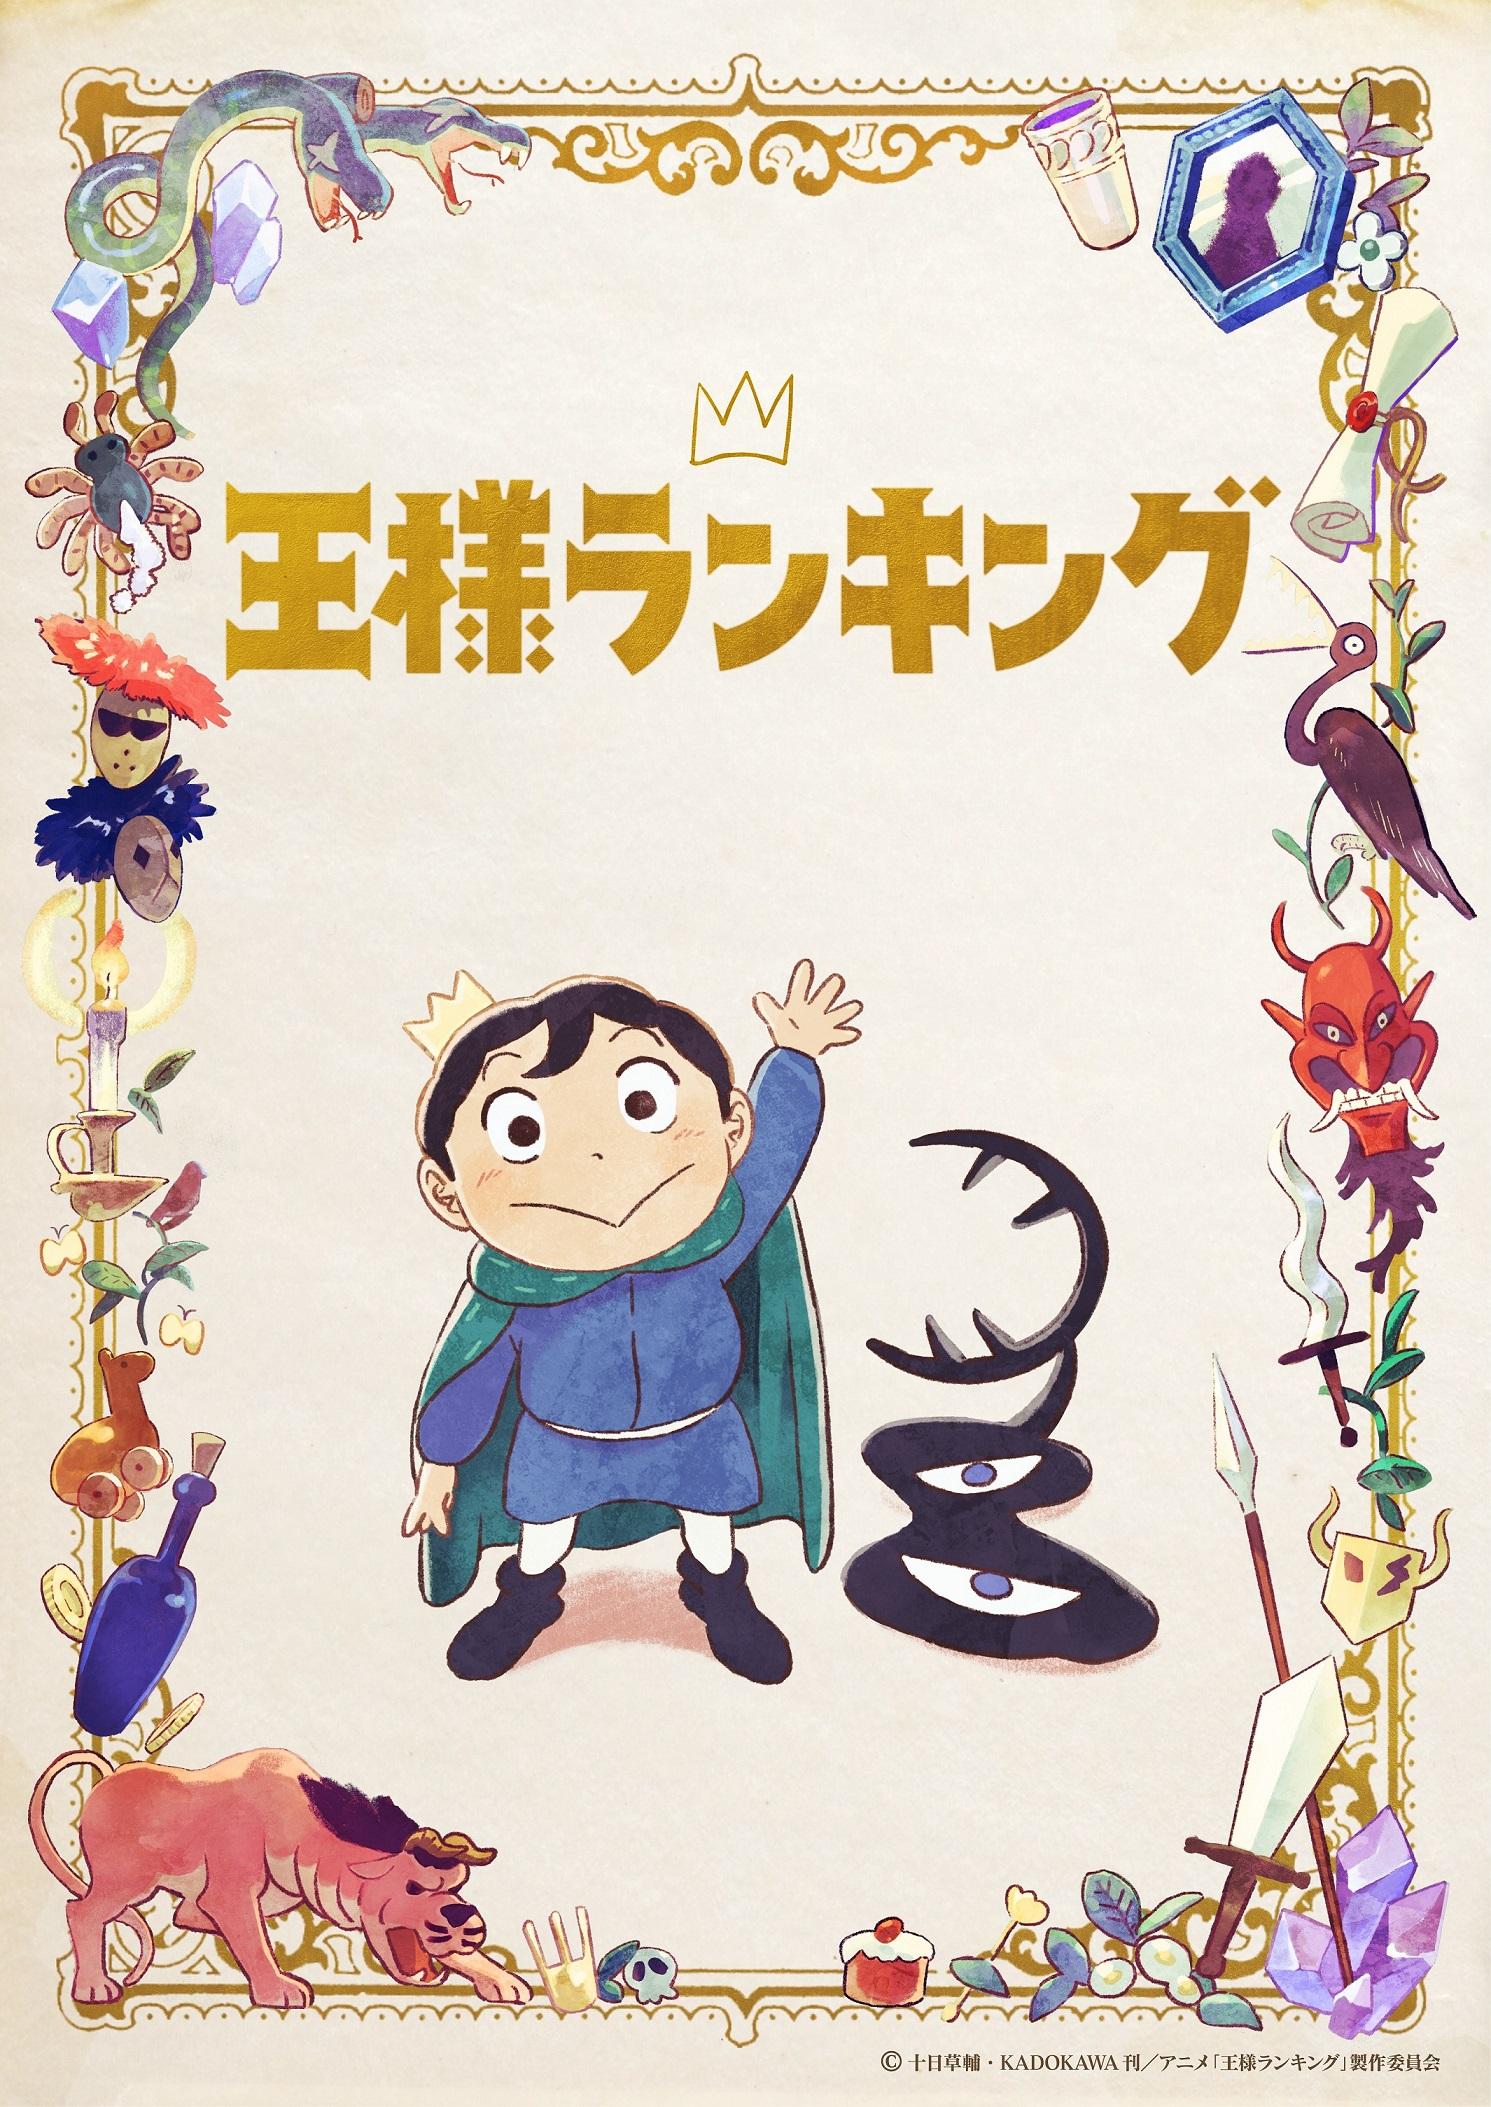 「王様ランキング」新PVはKing Gnuの主題歌入り!追加キャストは櫻井孝宏さんら